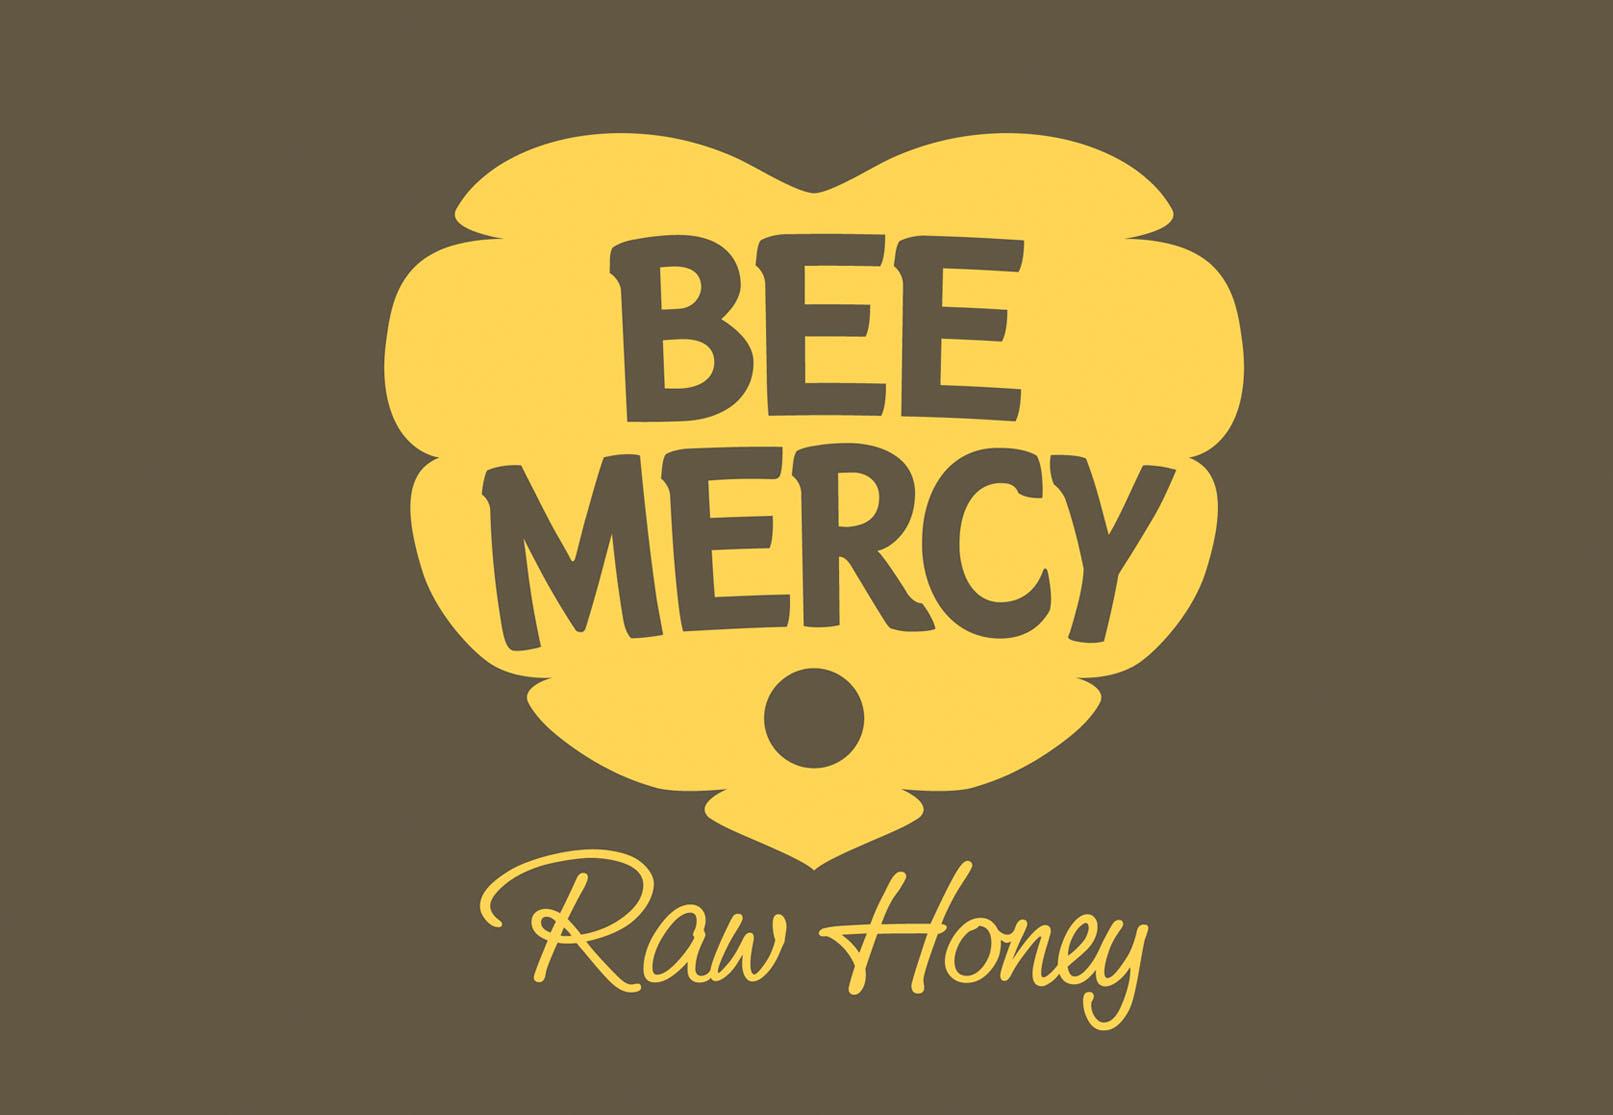 BeeMercylogo